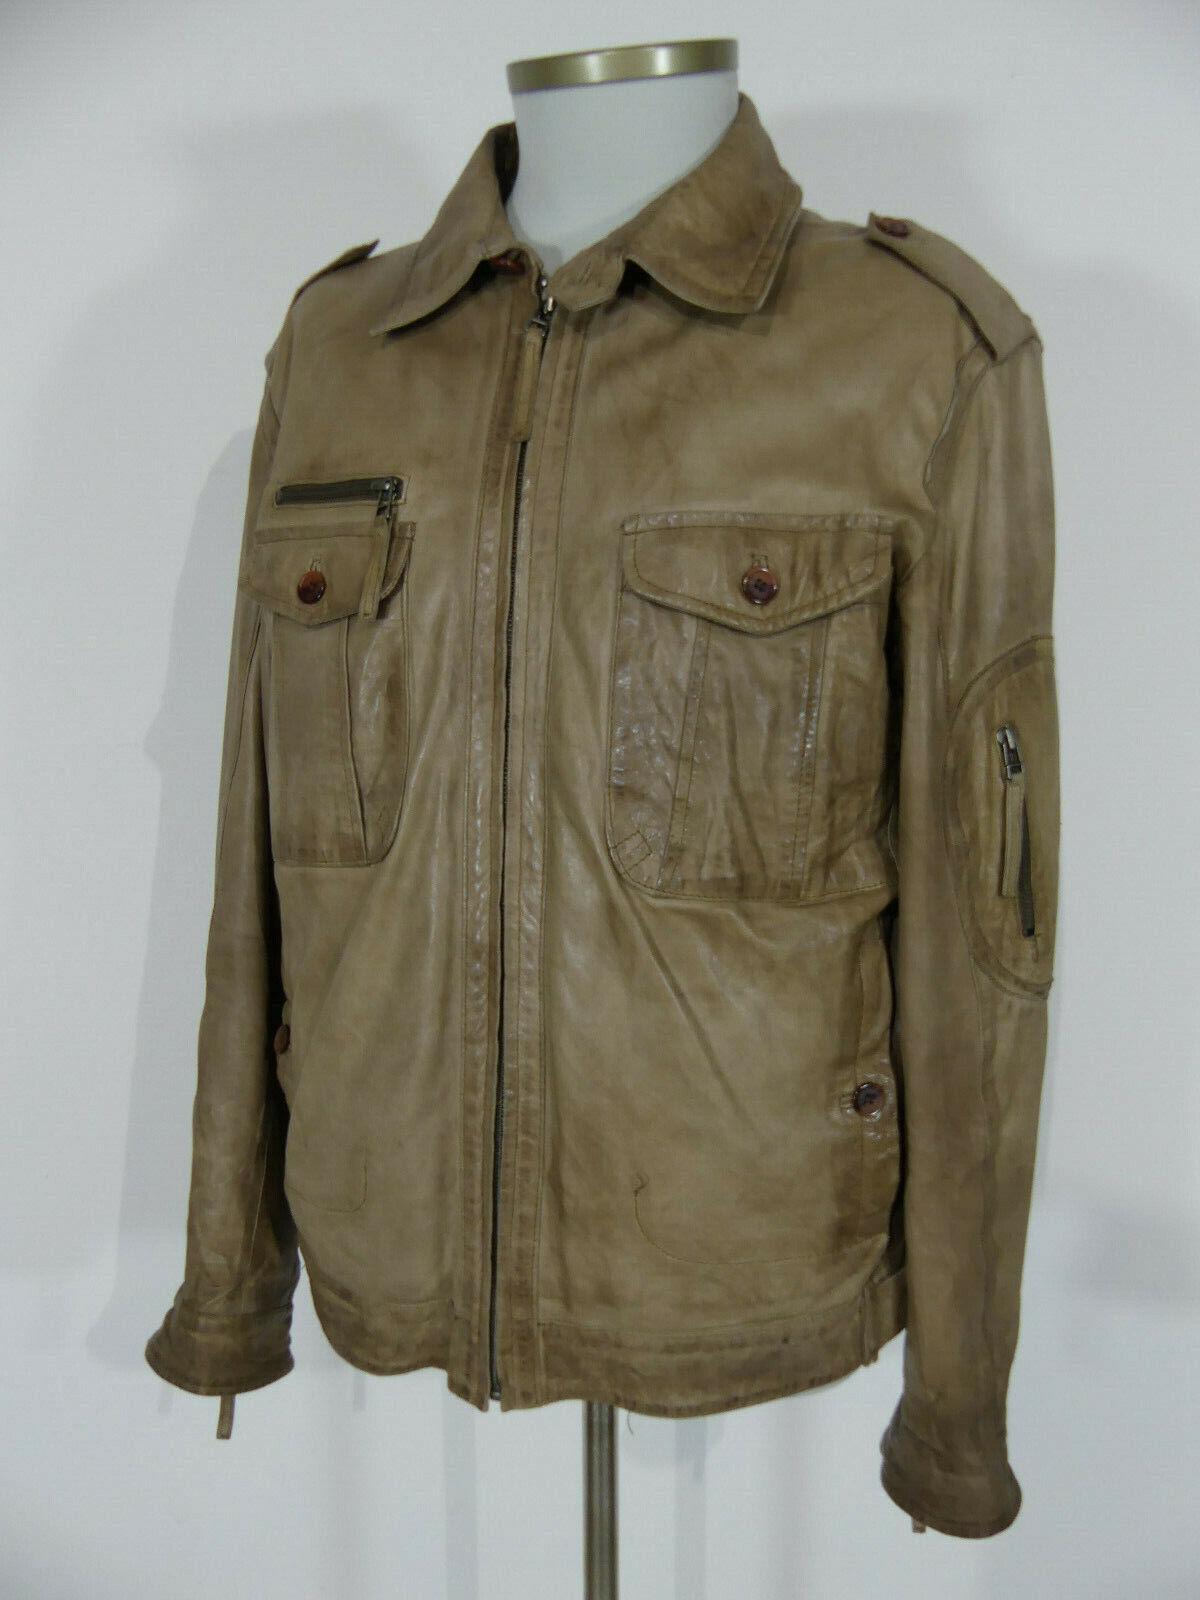 Milestone Herren Leder Jacke Lederjacke Größe 52 L Lammleder Mod. Whopper (#B8)